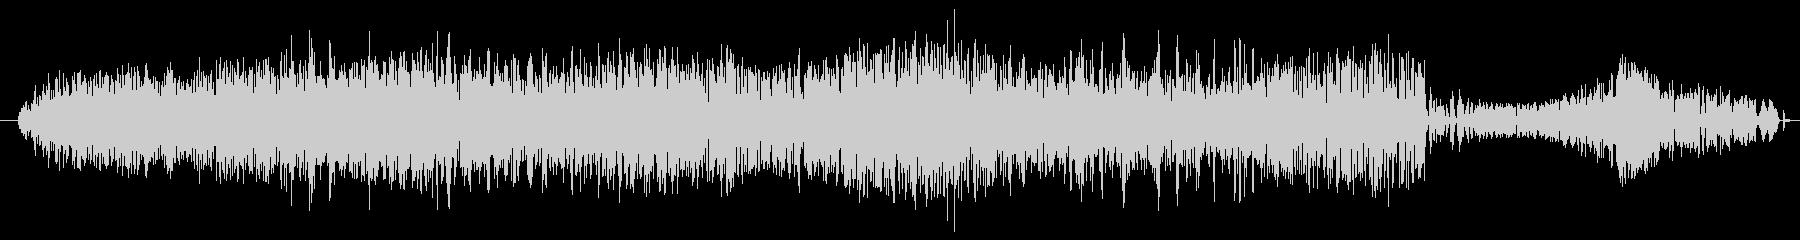 鳴き声 男性の吸うイサキ01の未再生の波形